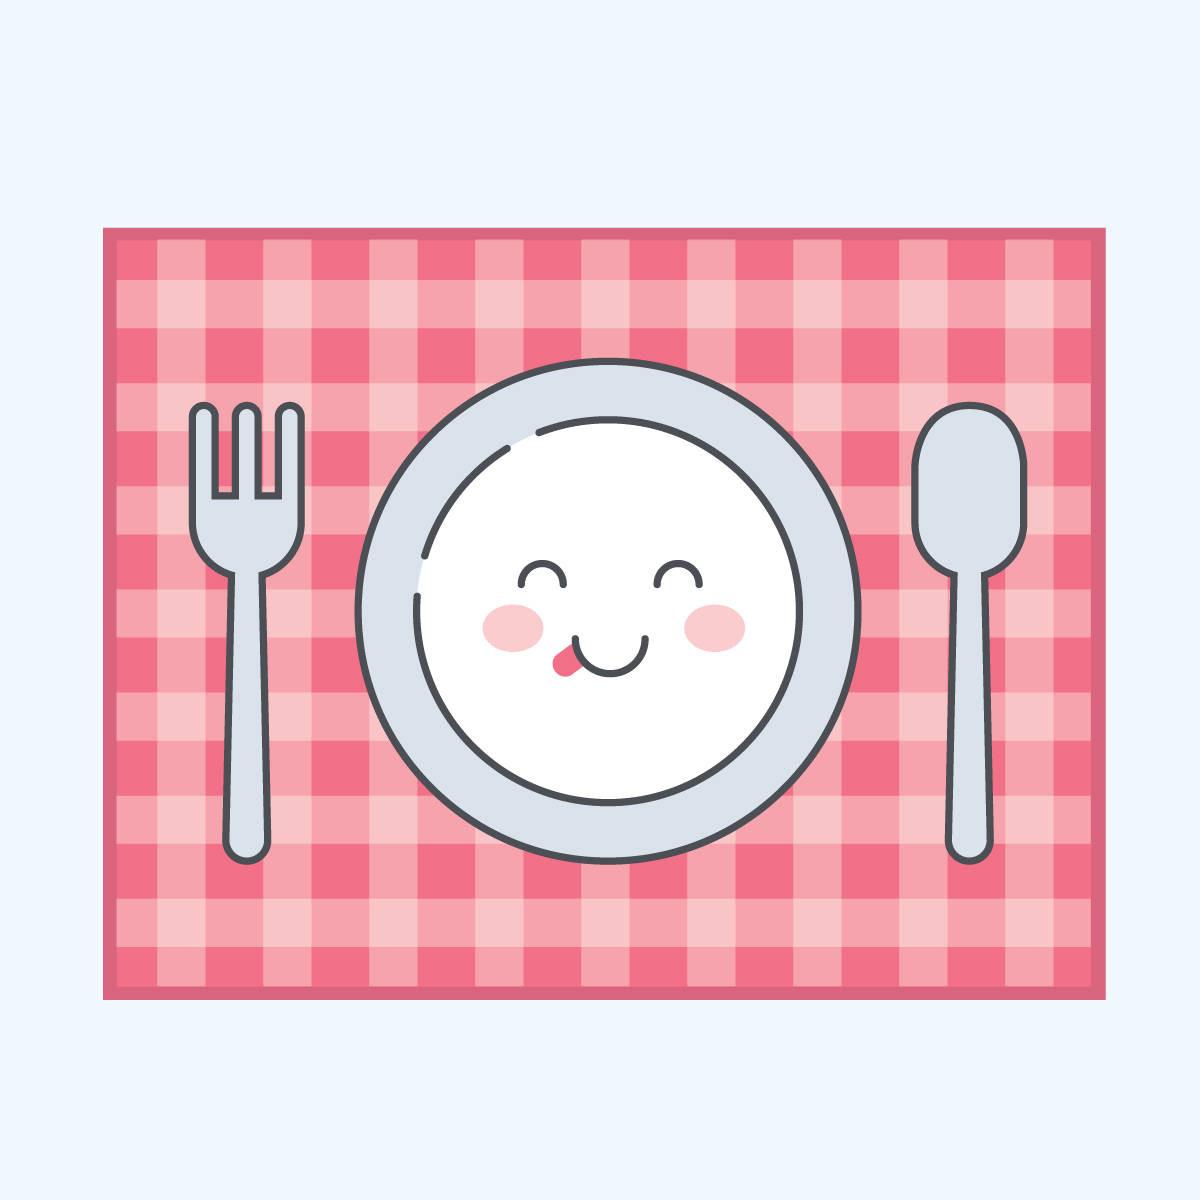 1200x1200 Cute Plate Spoon Fork Dinner Mat Clip Art Vector Throughout